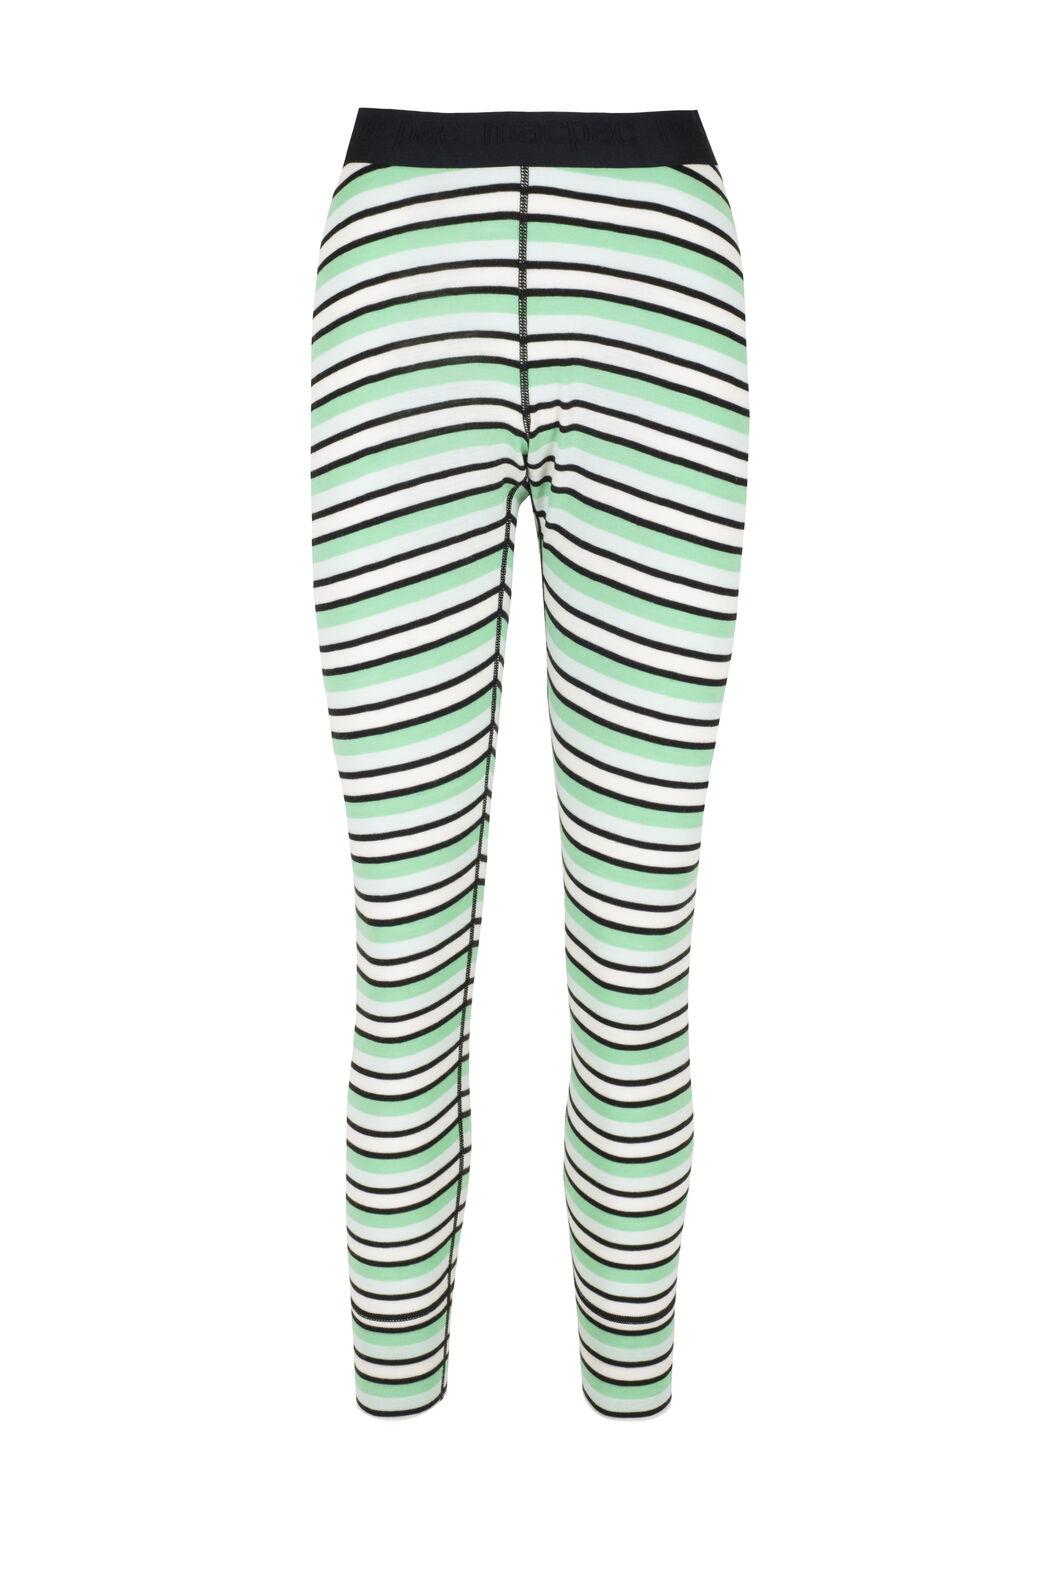 Macpac Women's 220 Merino Long Johns, Misty Jade/Katydid Stripe, hi-res